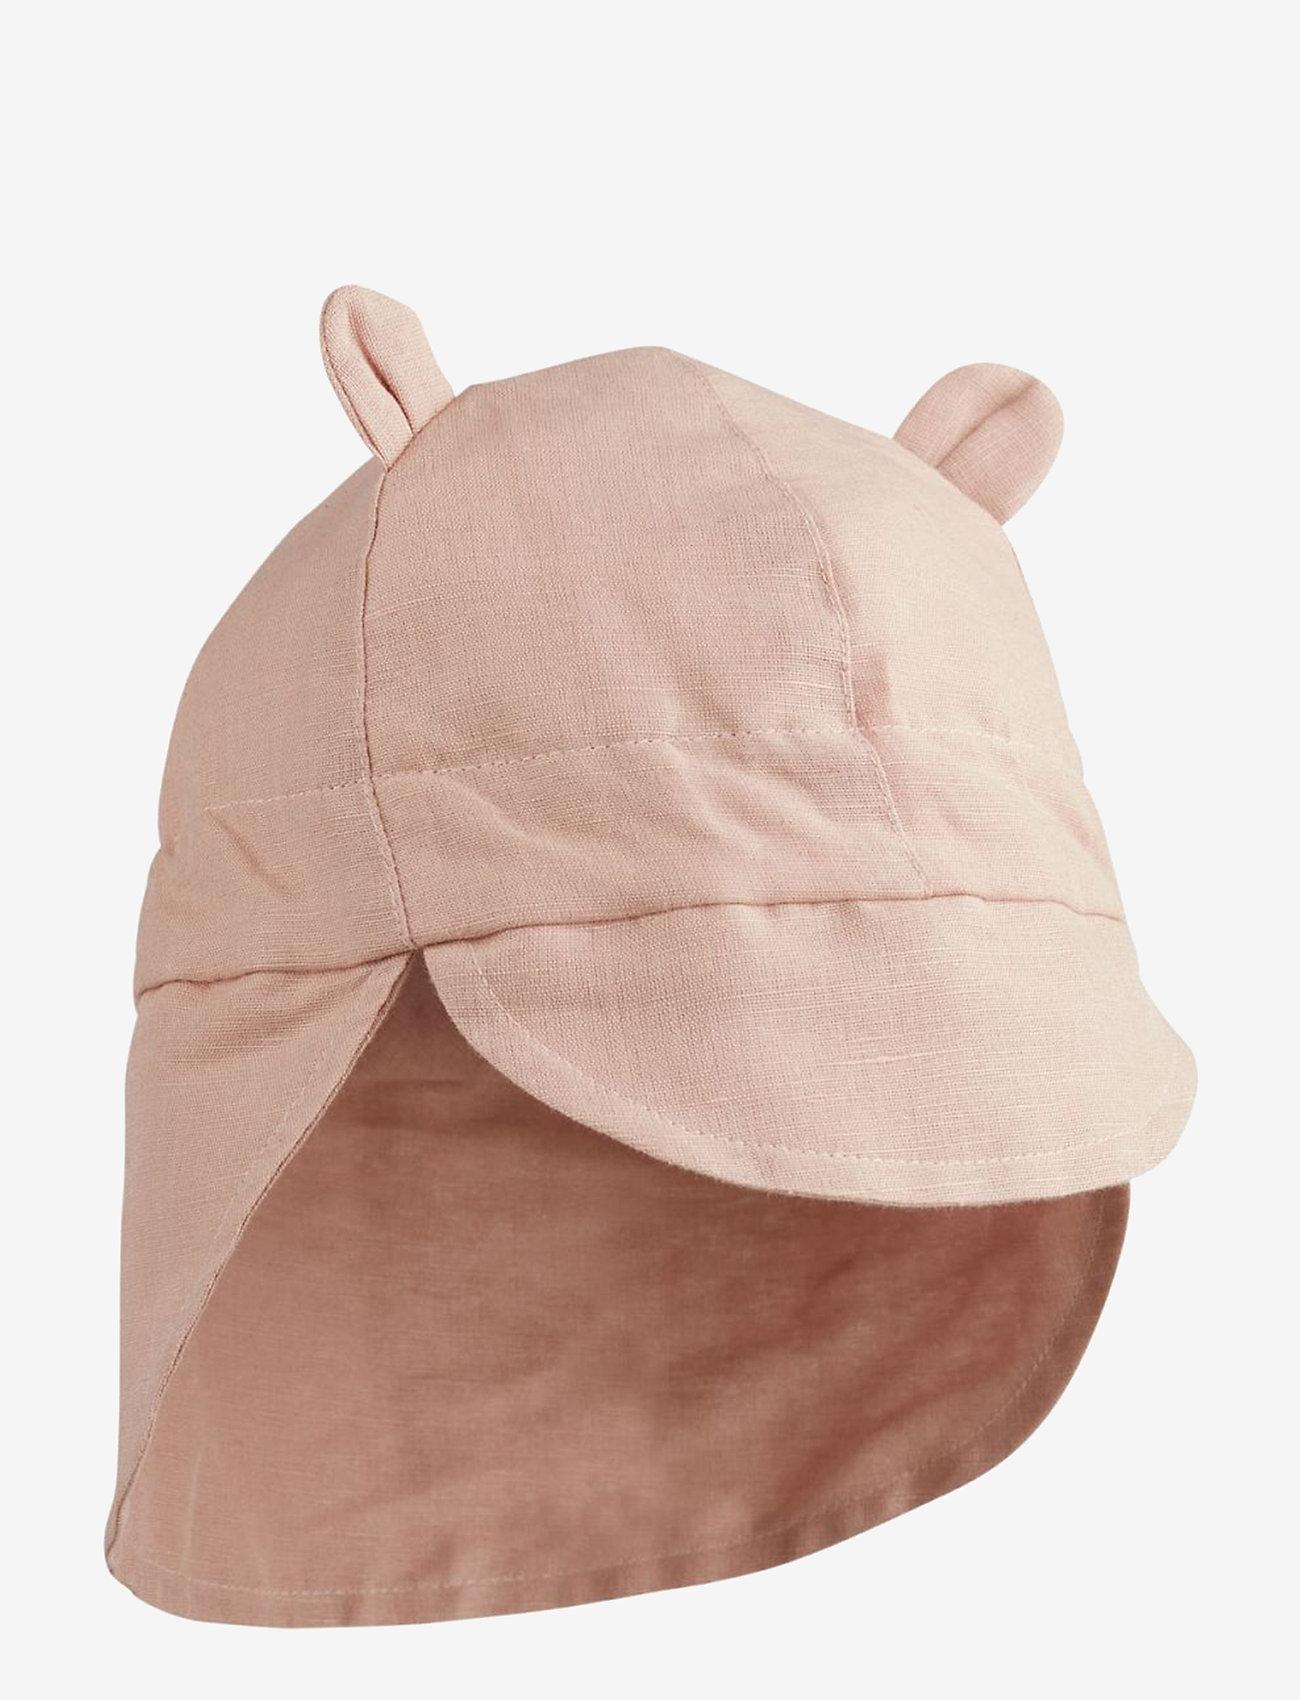 Liewood - Eric sun hat - chapeau de soleil - rose